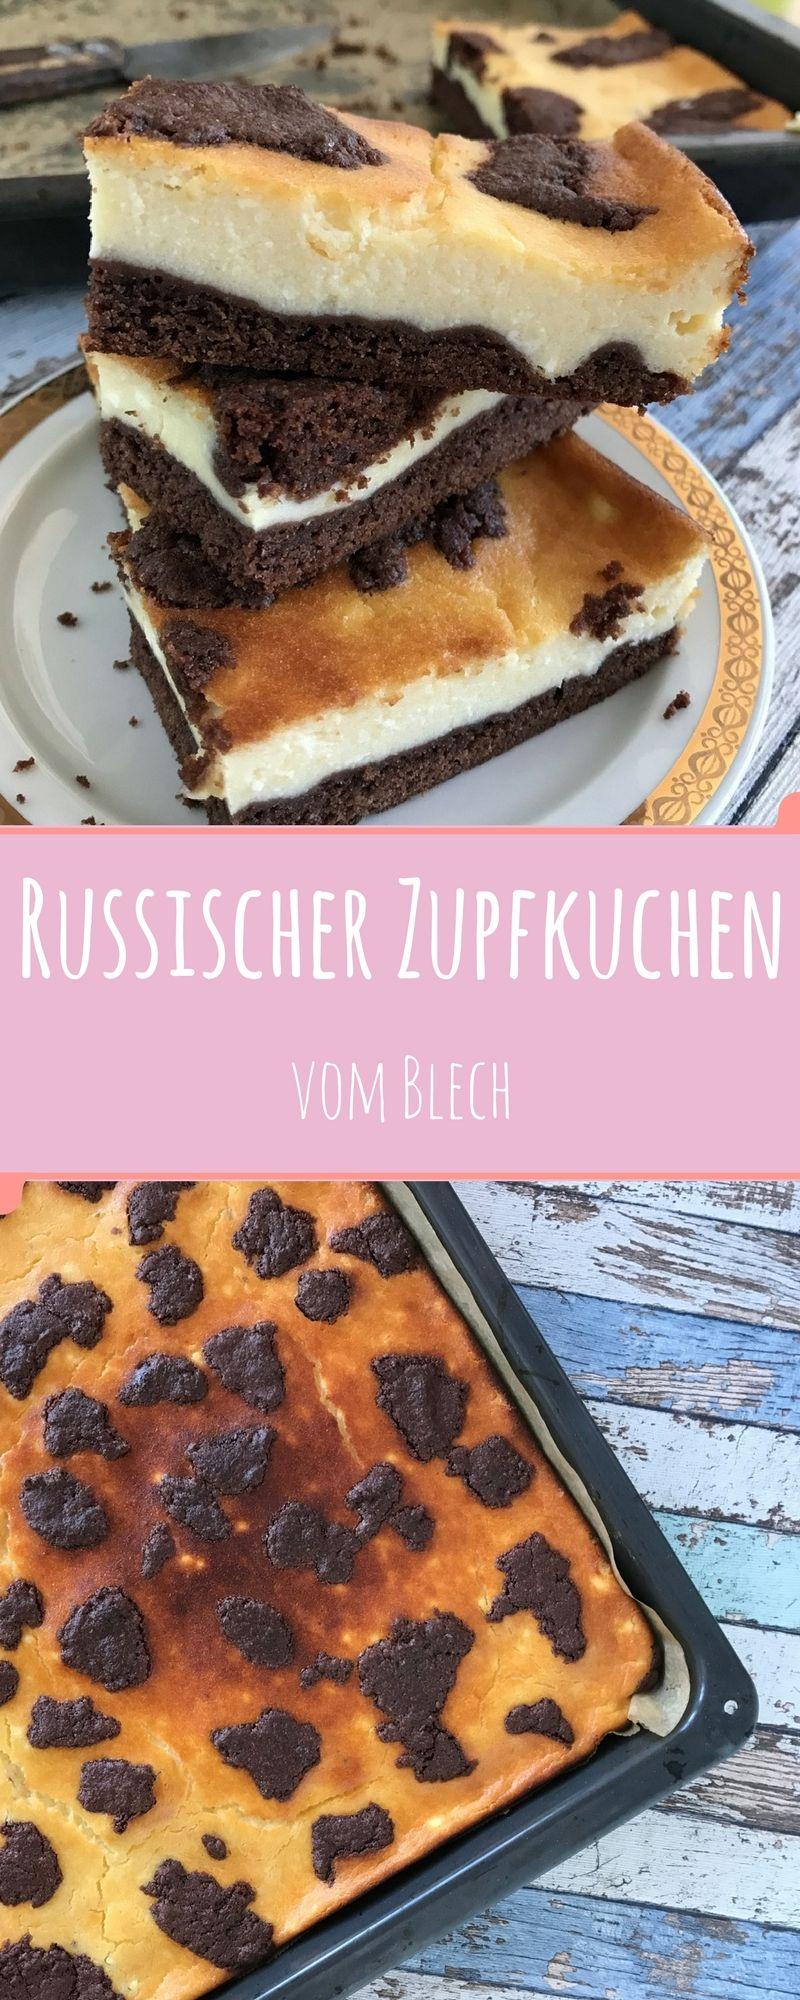 russischer zupfkuchen vom blech world recipes pinterest kuchen blechkuchen und backen. Black Bedroom Furniture Sets. Home Design Ideas